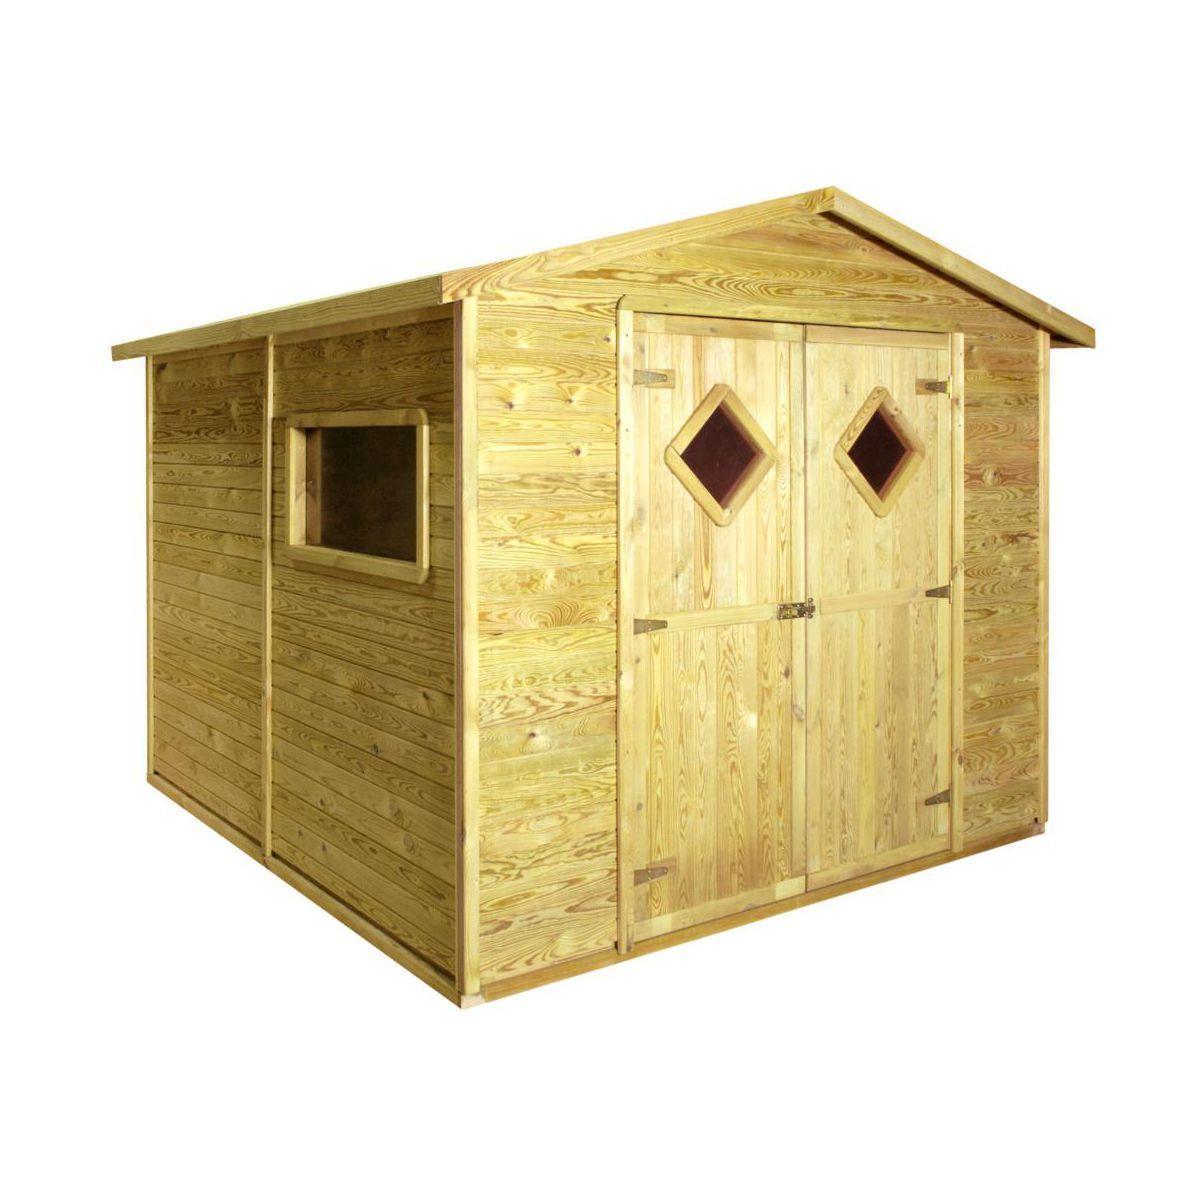 Domek Narzedziowy Caro 264 X 262 Cm Stelmet Domki Ogrodowe I Narzedziowe W Atrakcyjnej Cenie W Sklepach Lero Rubbermaid Shed Shed To Tiny House Shed Design